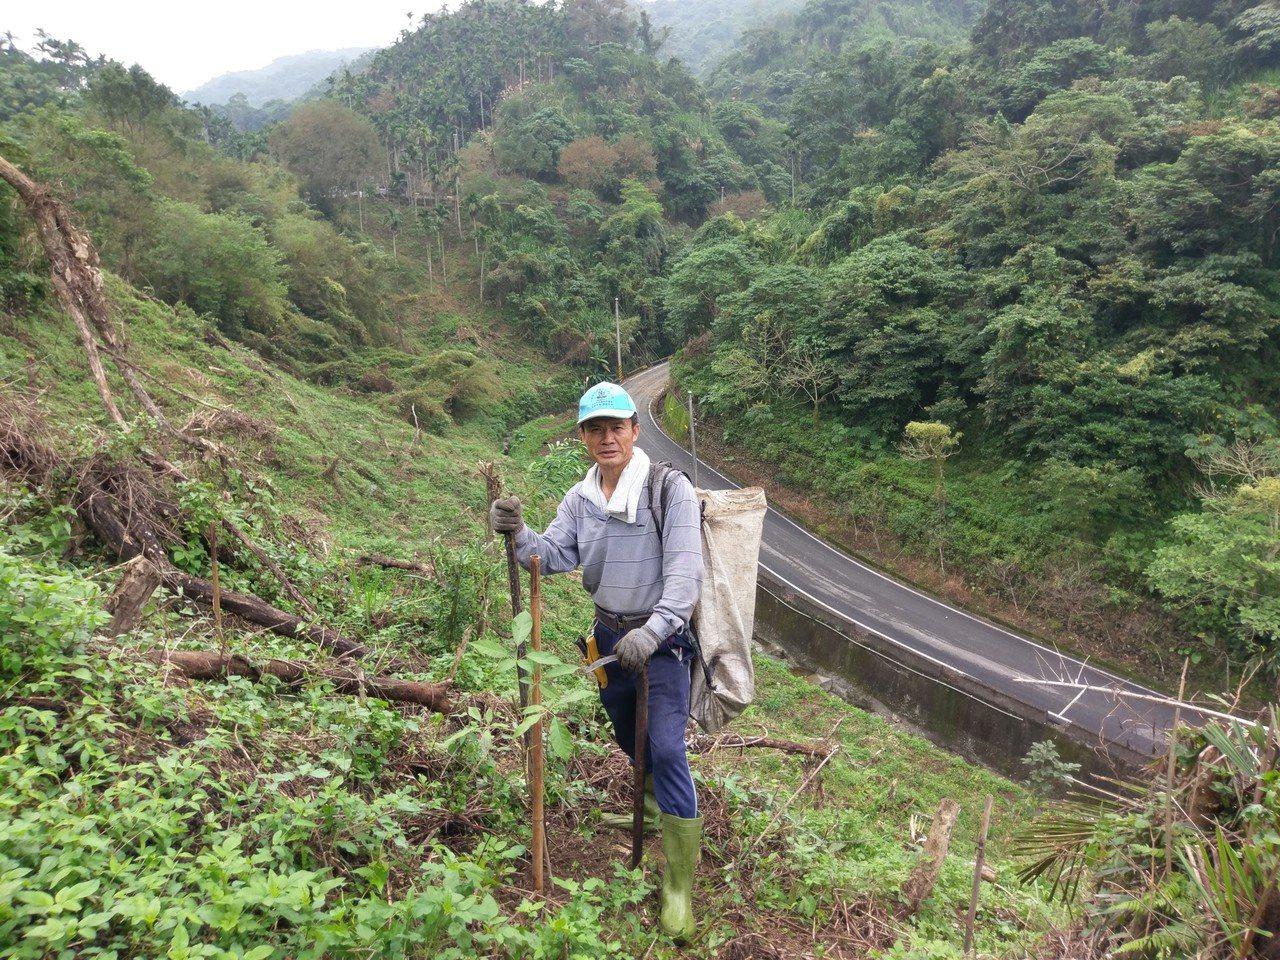 林睿宏從小「務農務到怕」,成了努力讀書的最大動力,卻在從公職退休後埋首農場,回歸...